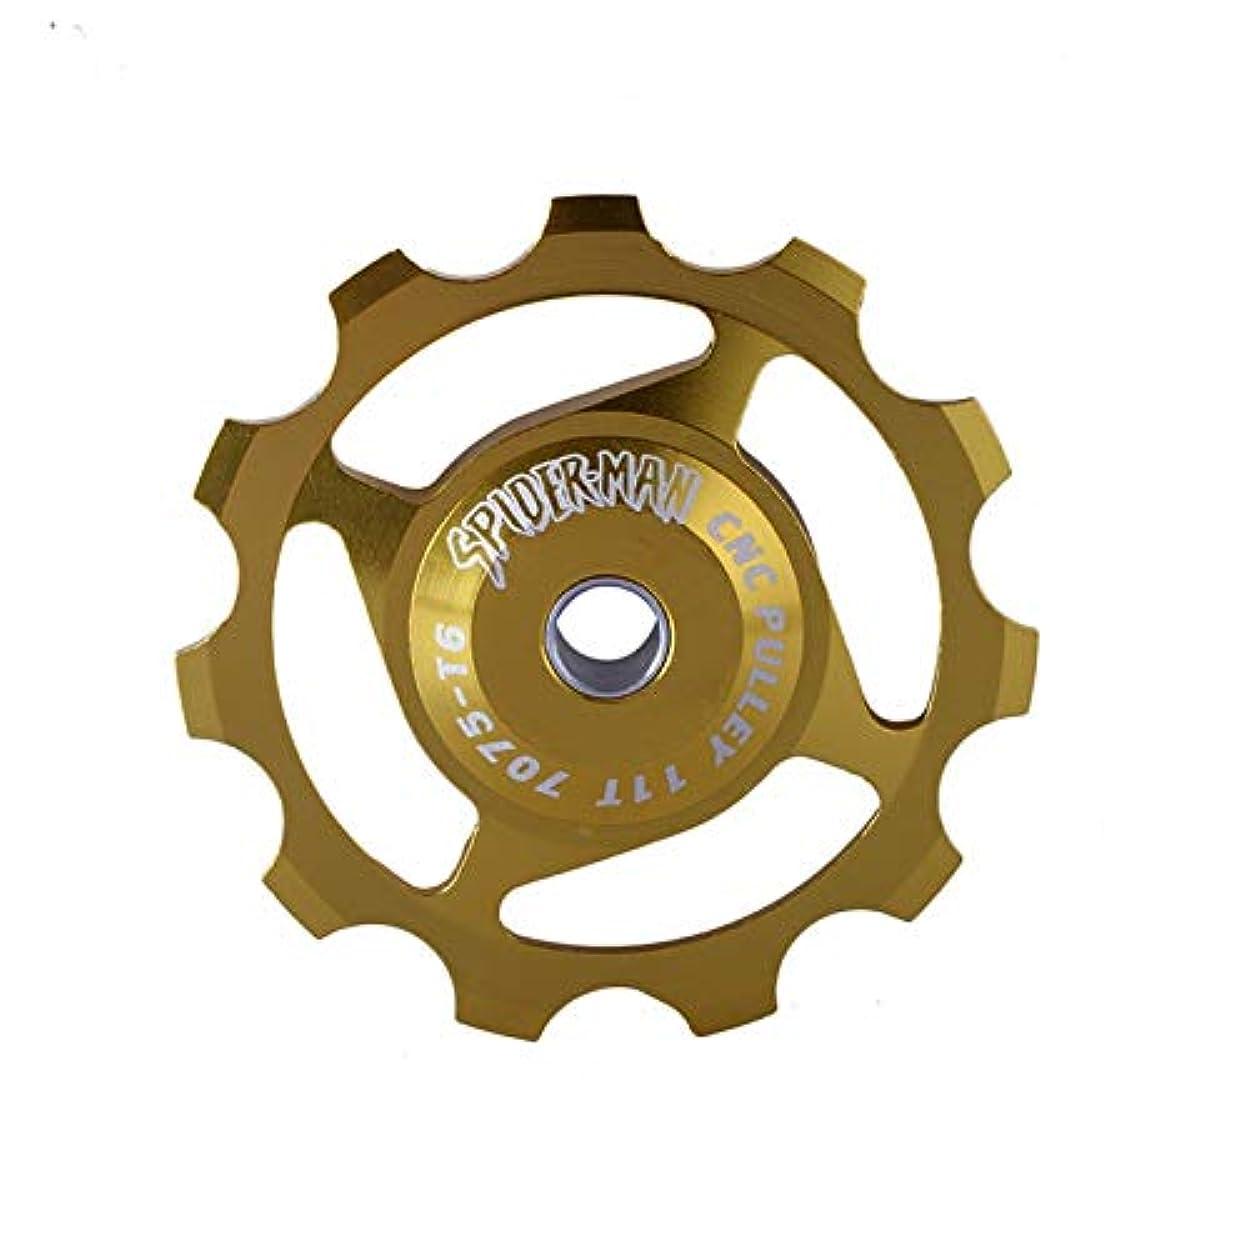 堤防オンス消防士Propenary - 自転車リアディレイラー7075アルミニウム11Tロードバイクベアリングリアディレイラープーリーローラーアイドラーの自転車ジョッキーホイール部品[イエロー]